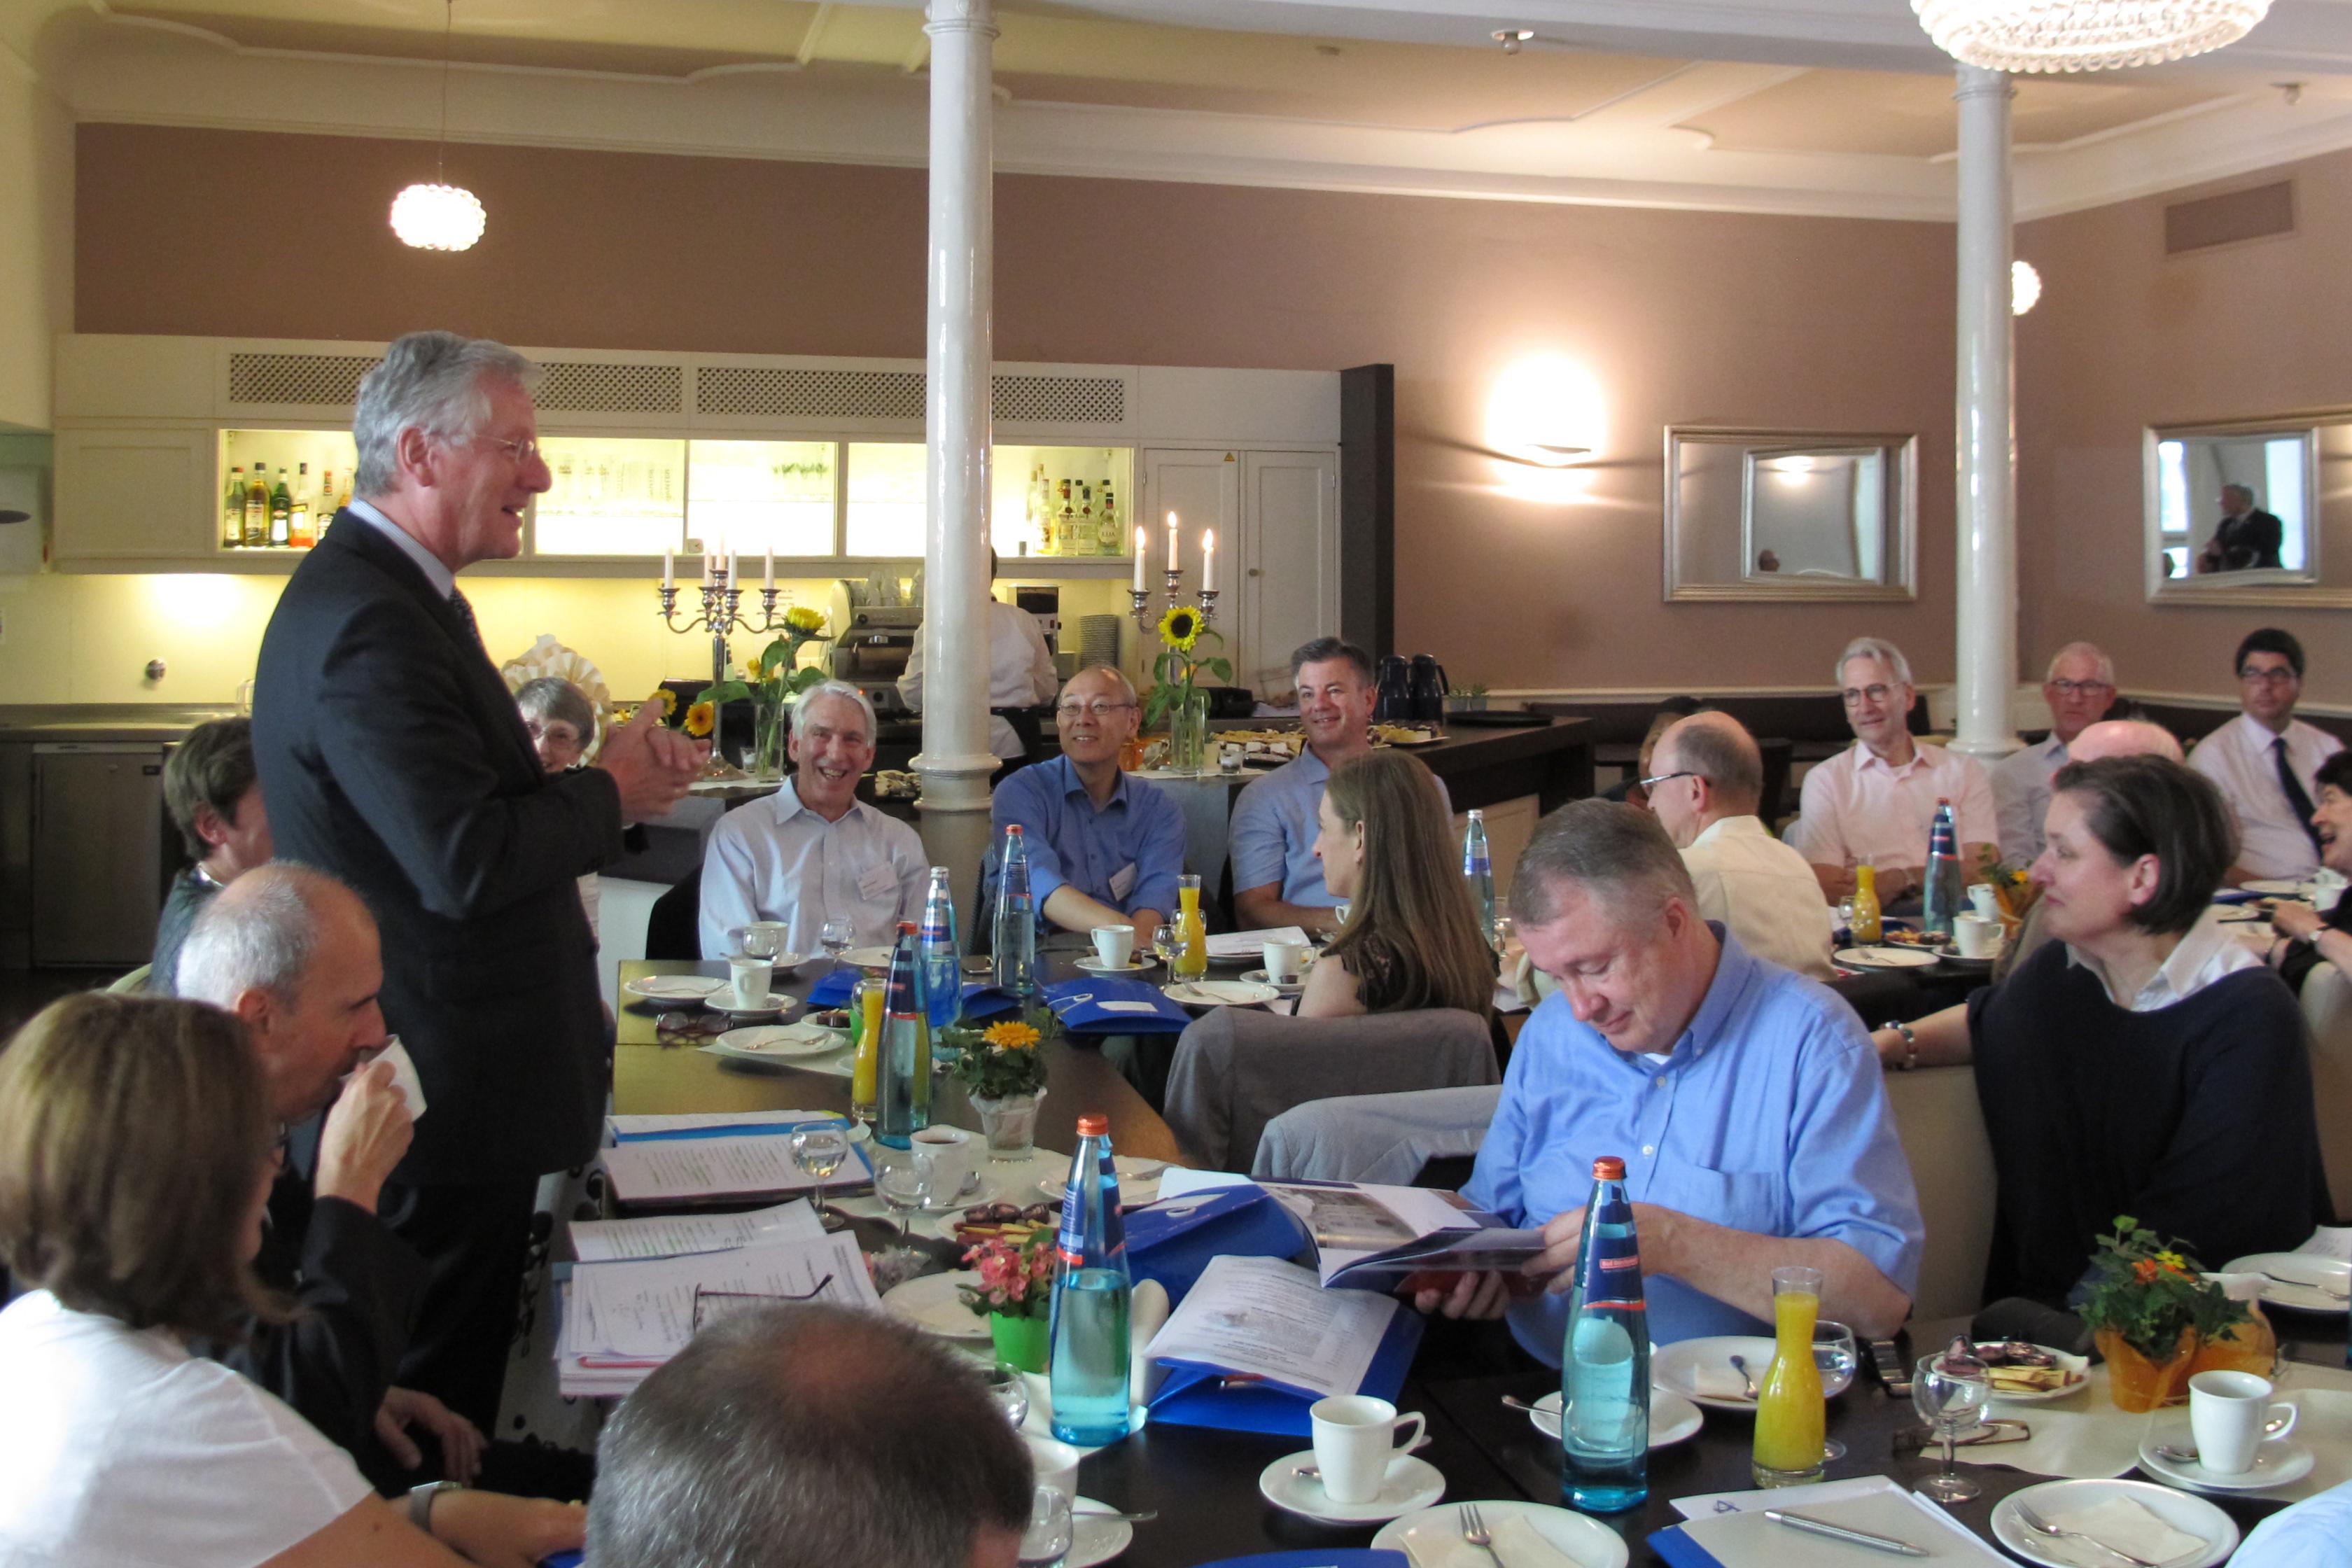 Rektor Professor Schiewer begrüßte die internationalen und nationalen Alumni-Clubvorstände bei ihrem Workshop